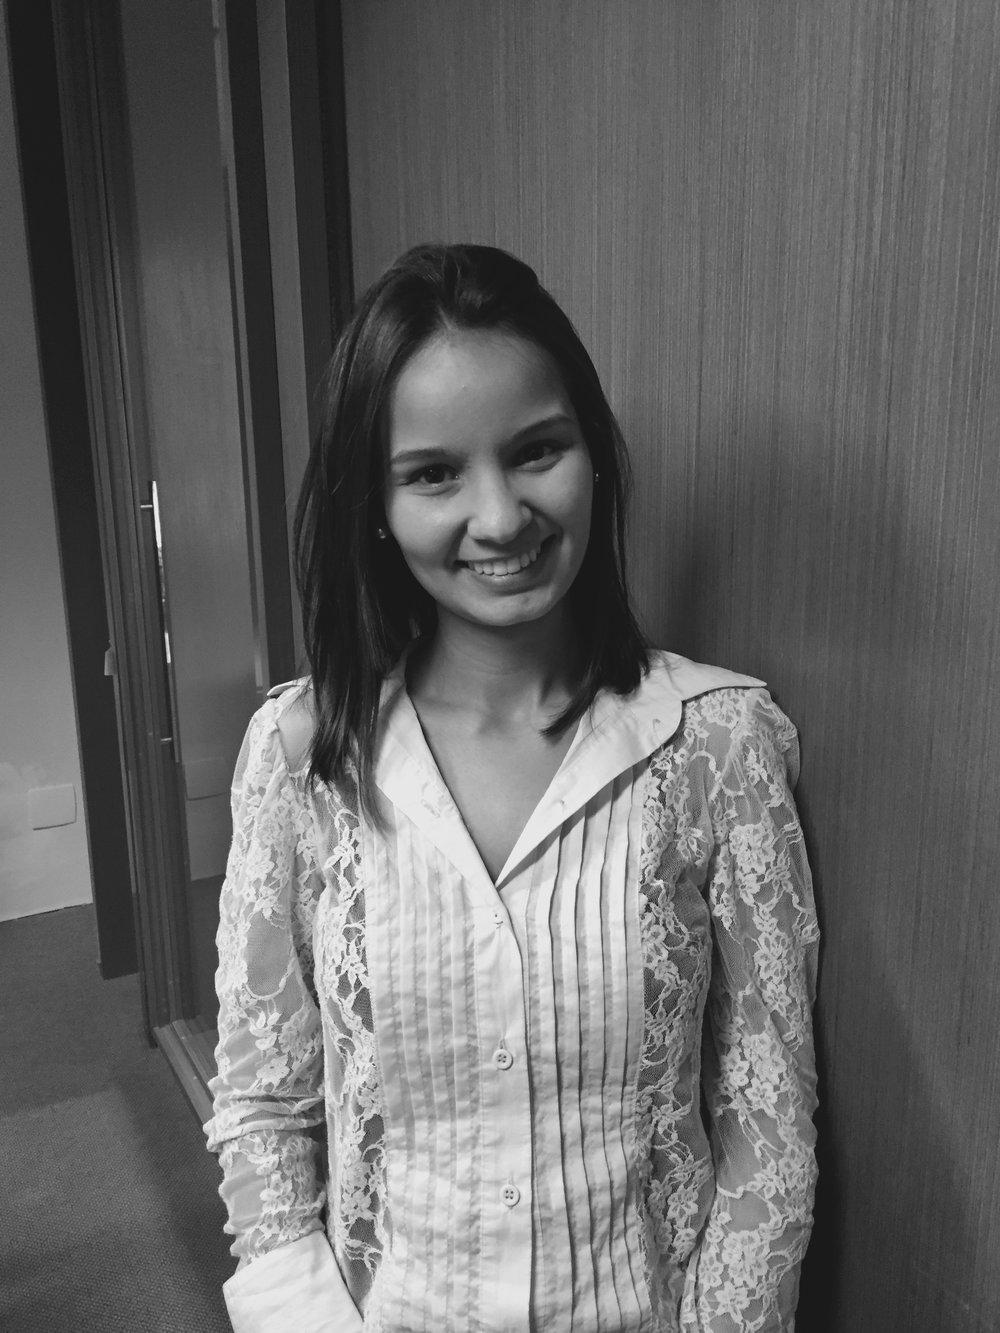 Nathalia Nunes - Faculdade de Direito, Mackenzie.nathalia@alvespryngler.com